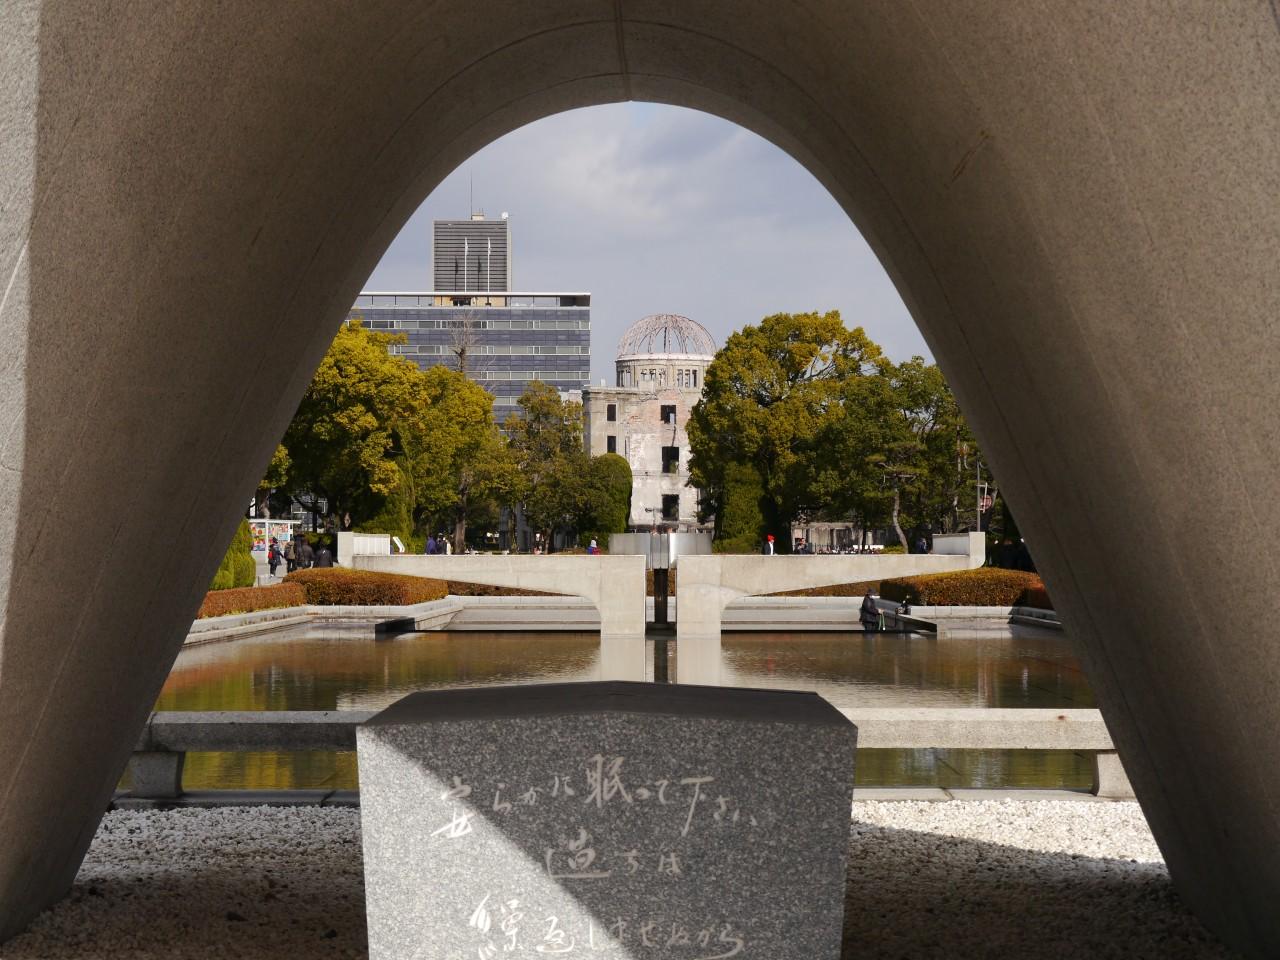 kyoto osaka hiroshima eine kleine reise durch japan. Black Bedroom Furniture Sets. Home Design Ideas